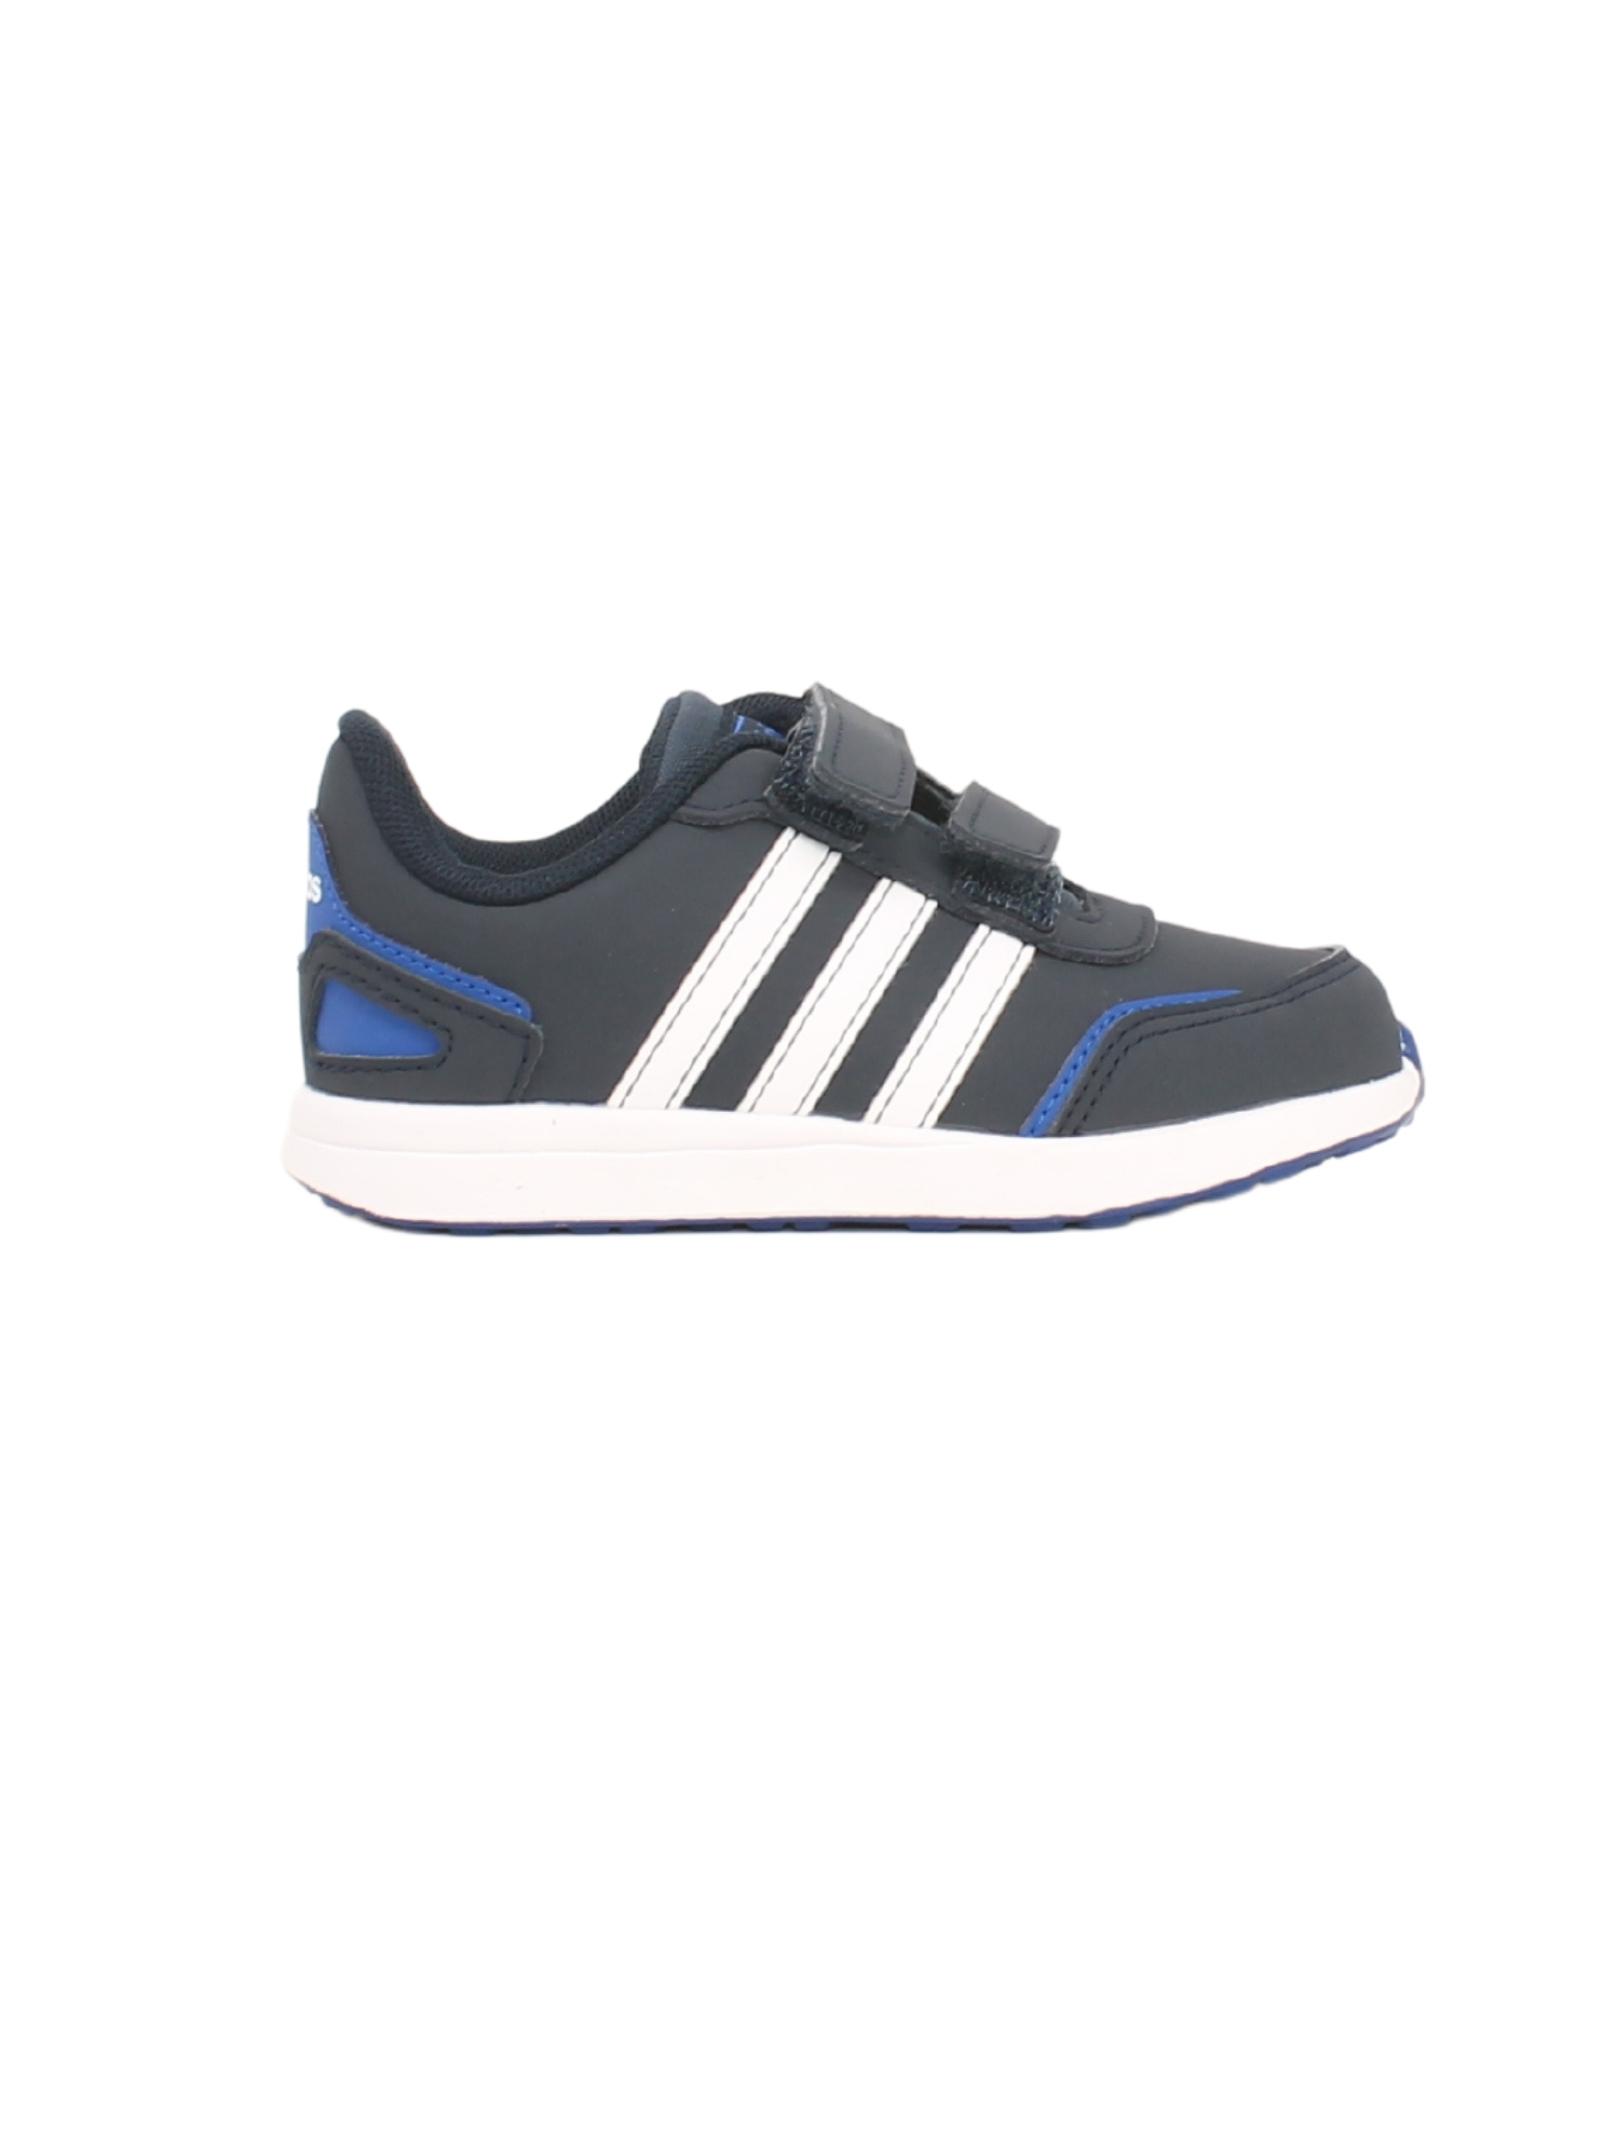 Boy Sport Navy sneakers ADIDAS JUNIOR | Sneakers | FW6663BLU